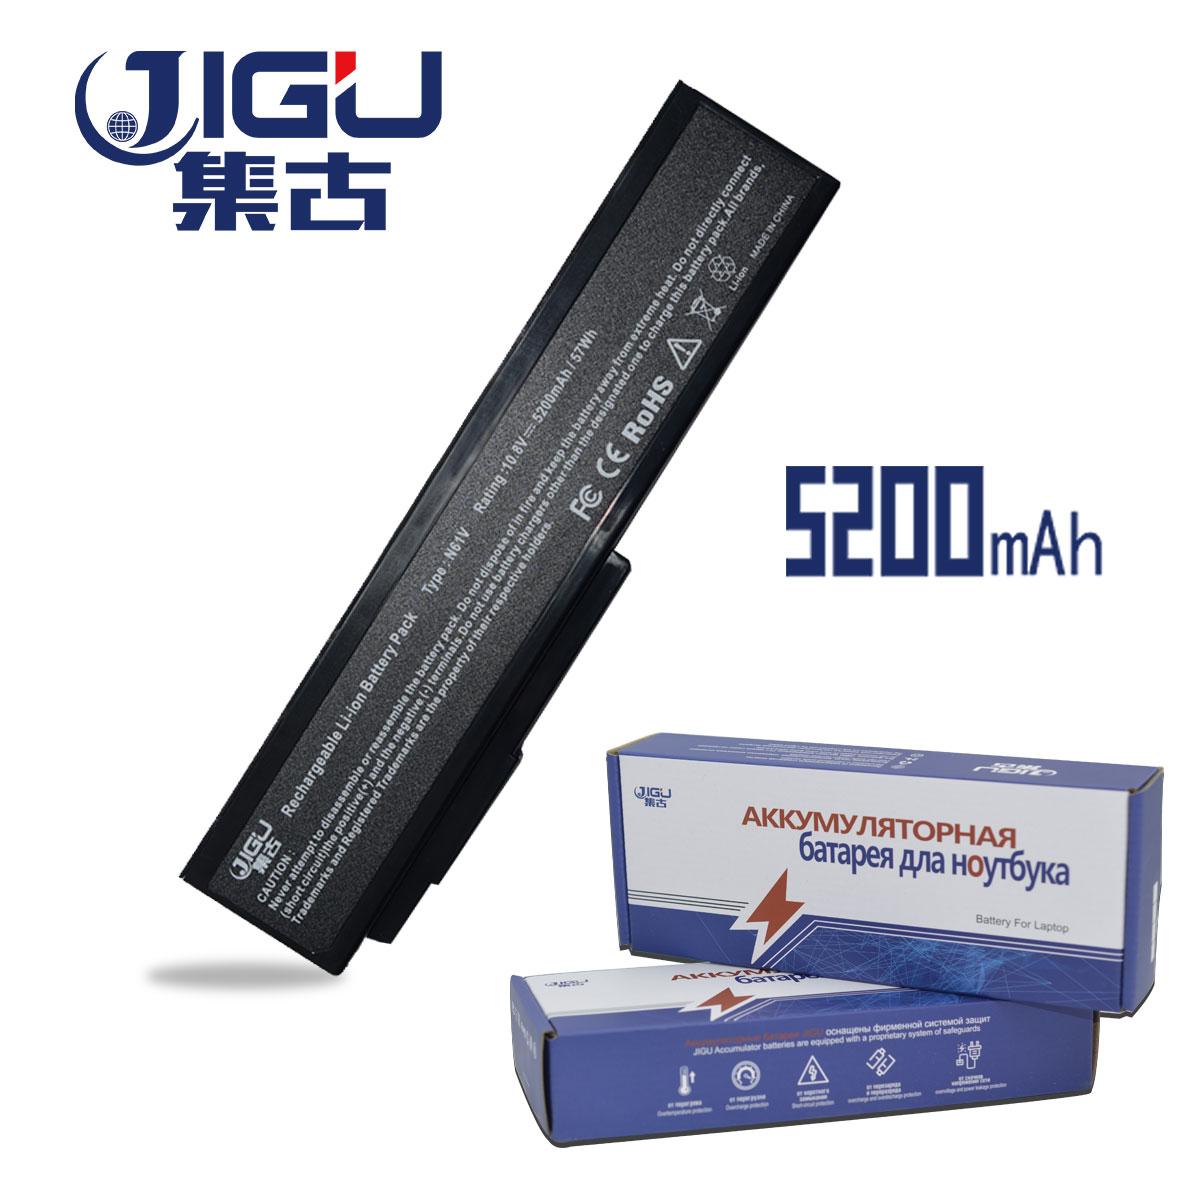 JIGU Laptop Battery For Asus N61 N61J N61Jq N61V N61Vg N61Ja N61JV N53 M50 M50s N53S A32-M50 A32-N61 A32-X64 A33-M50 jigu laptop battery for asus n61j n61ja n61jq n61jv n61 n61d n53t n53j n53s m50 a32 n61 a32 m50 a33 m50